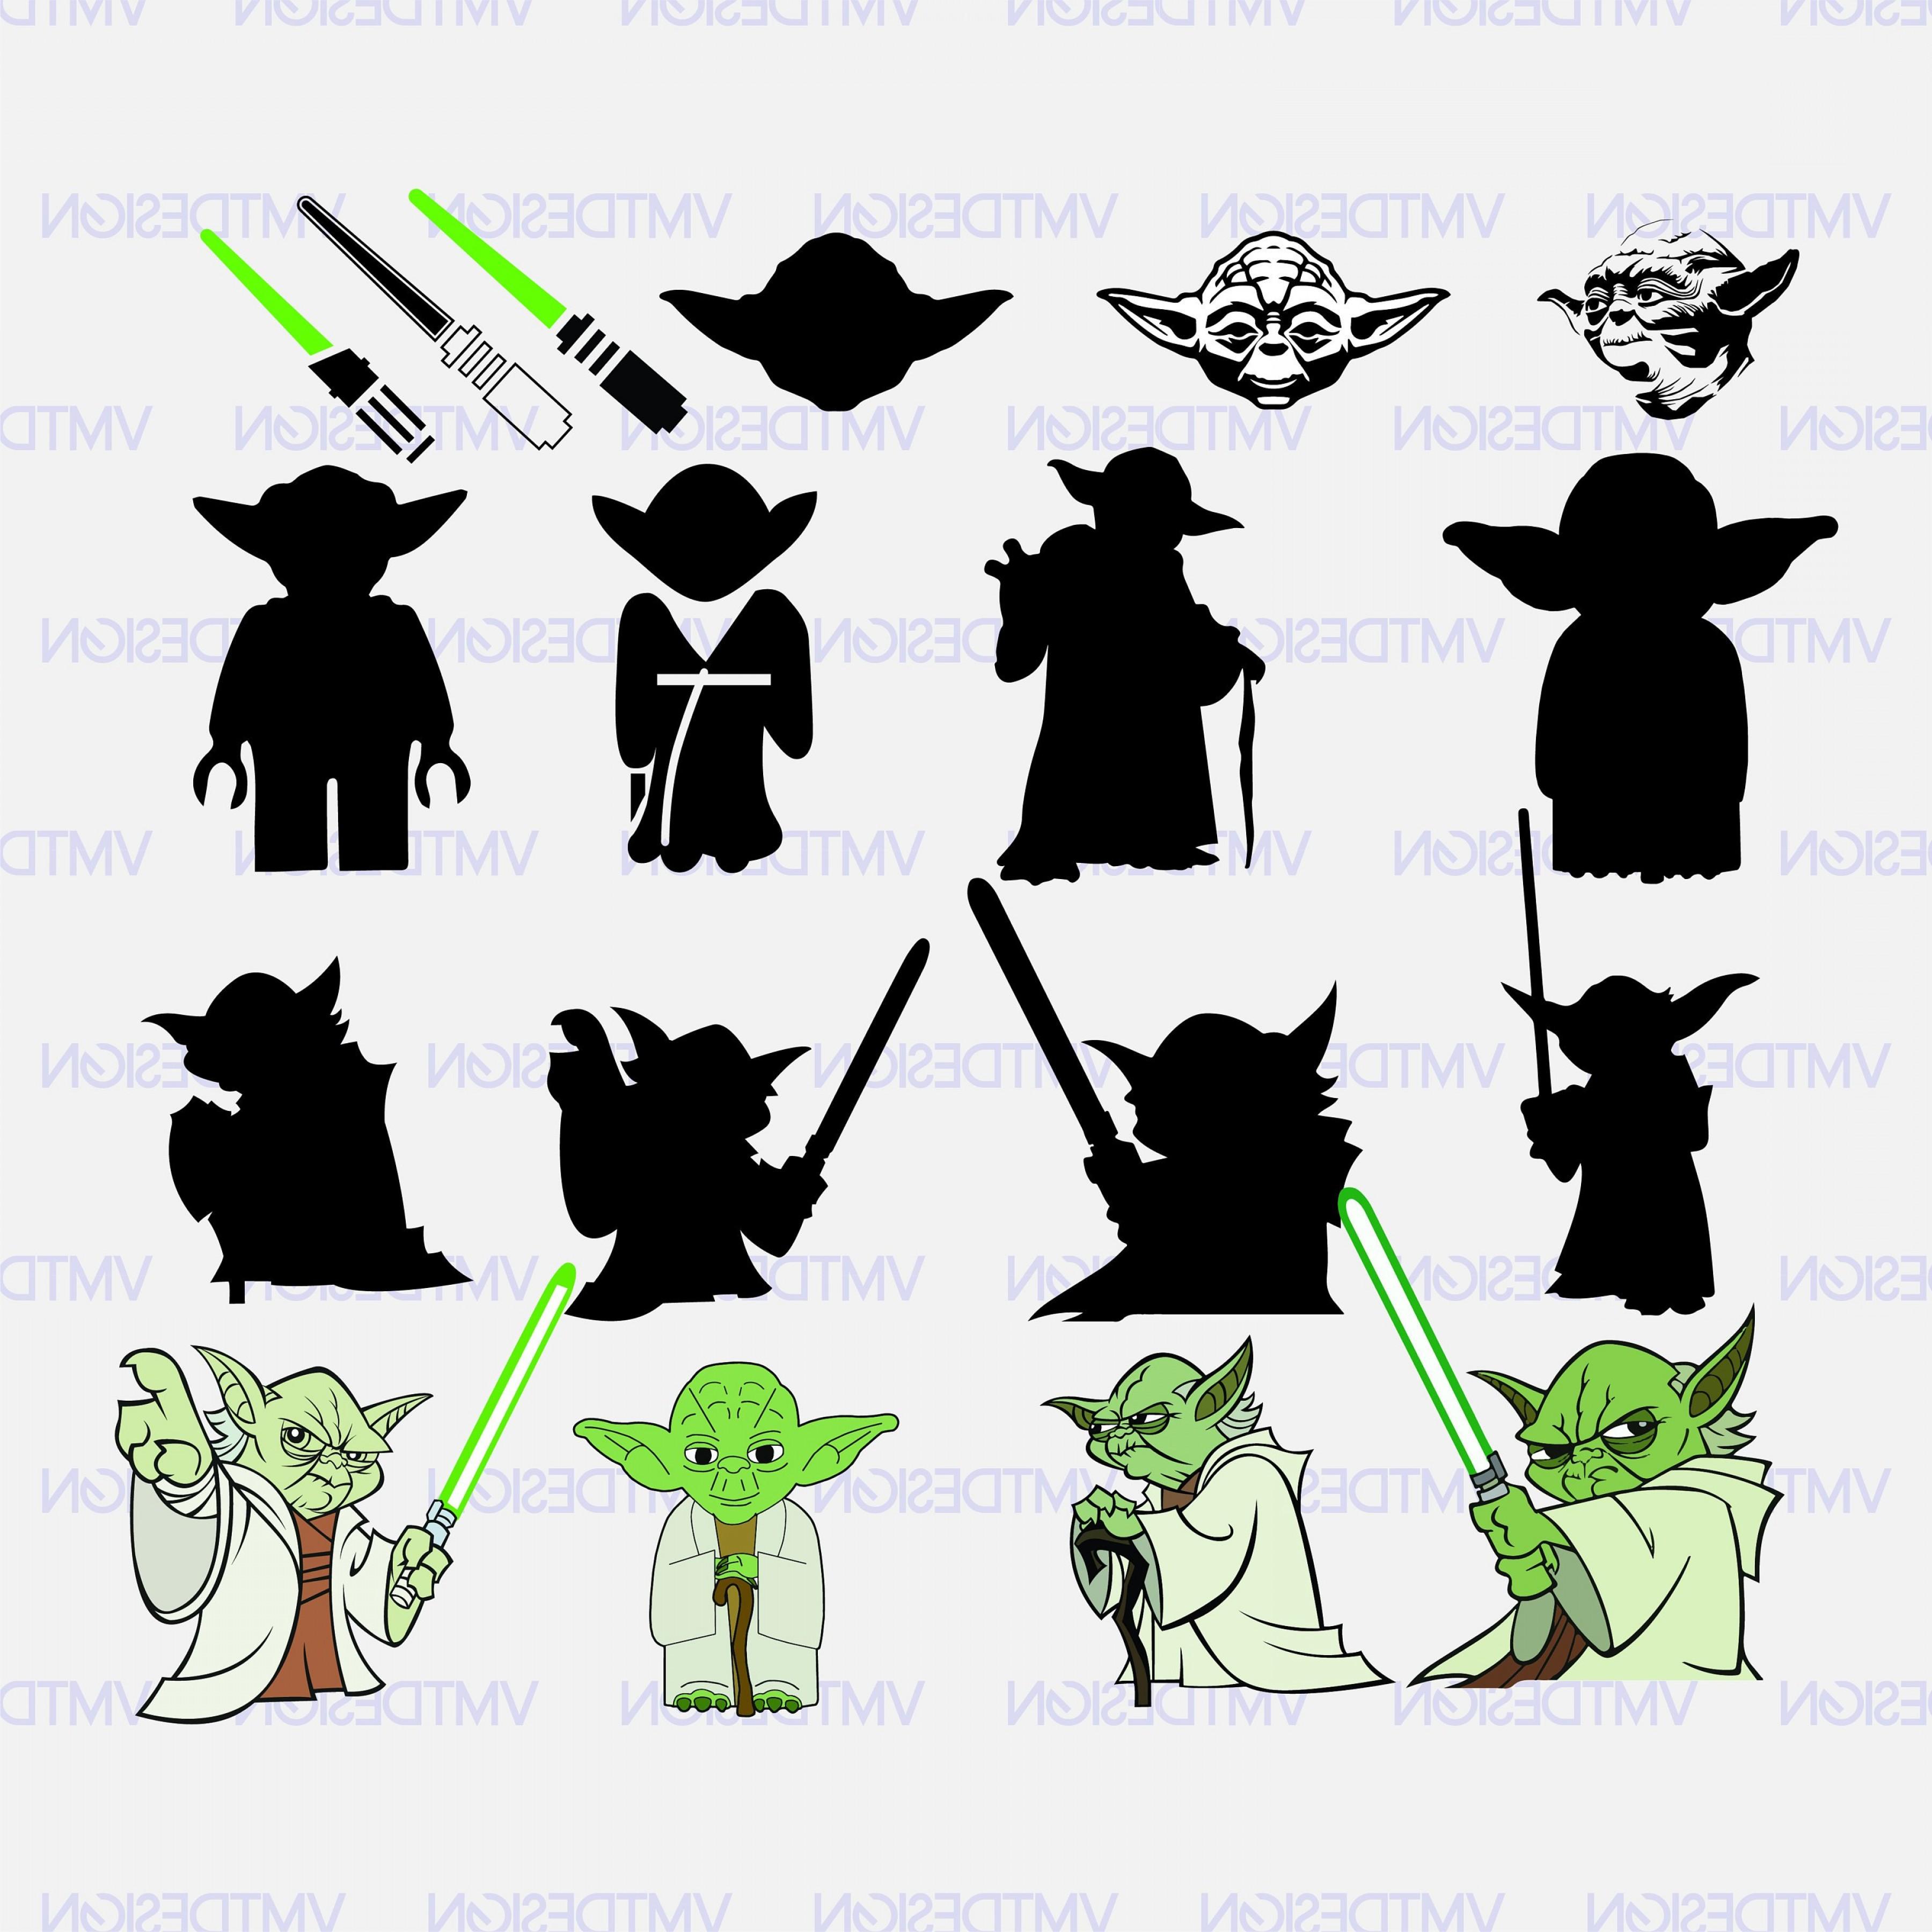 3600x3600 Yoda Svg Yoda Vector Yoda Clipart Yoda Geekchicpro